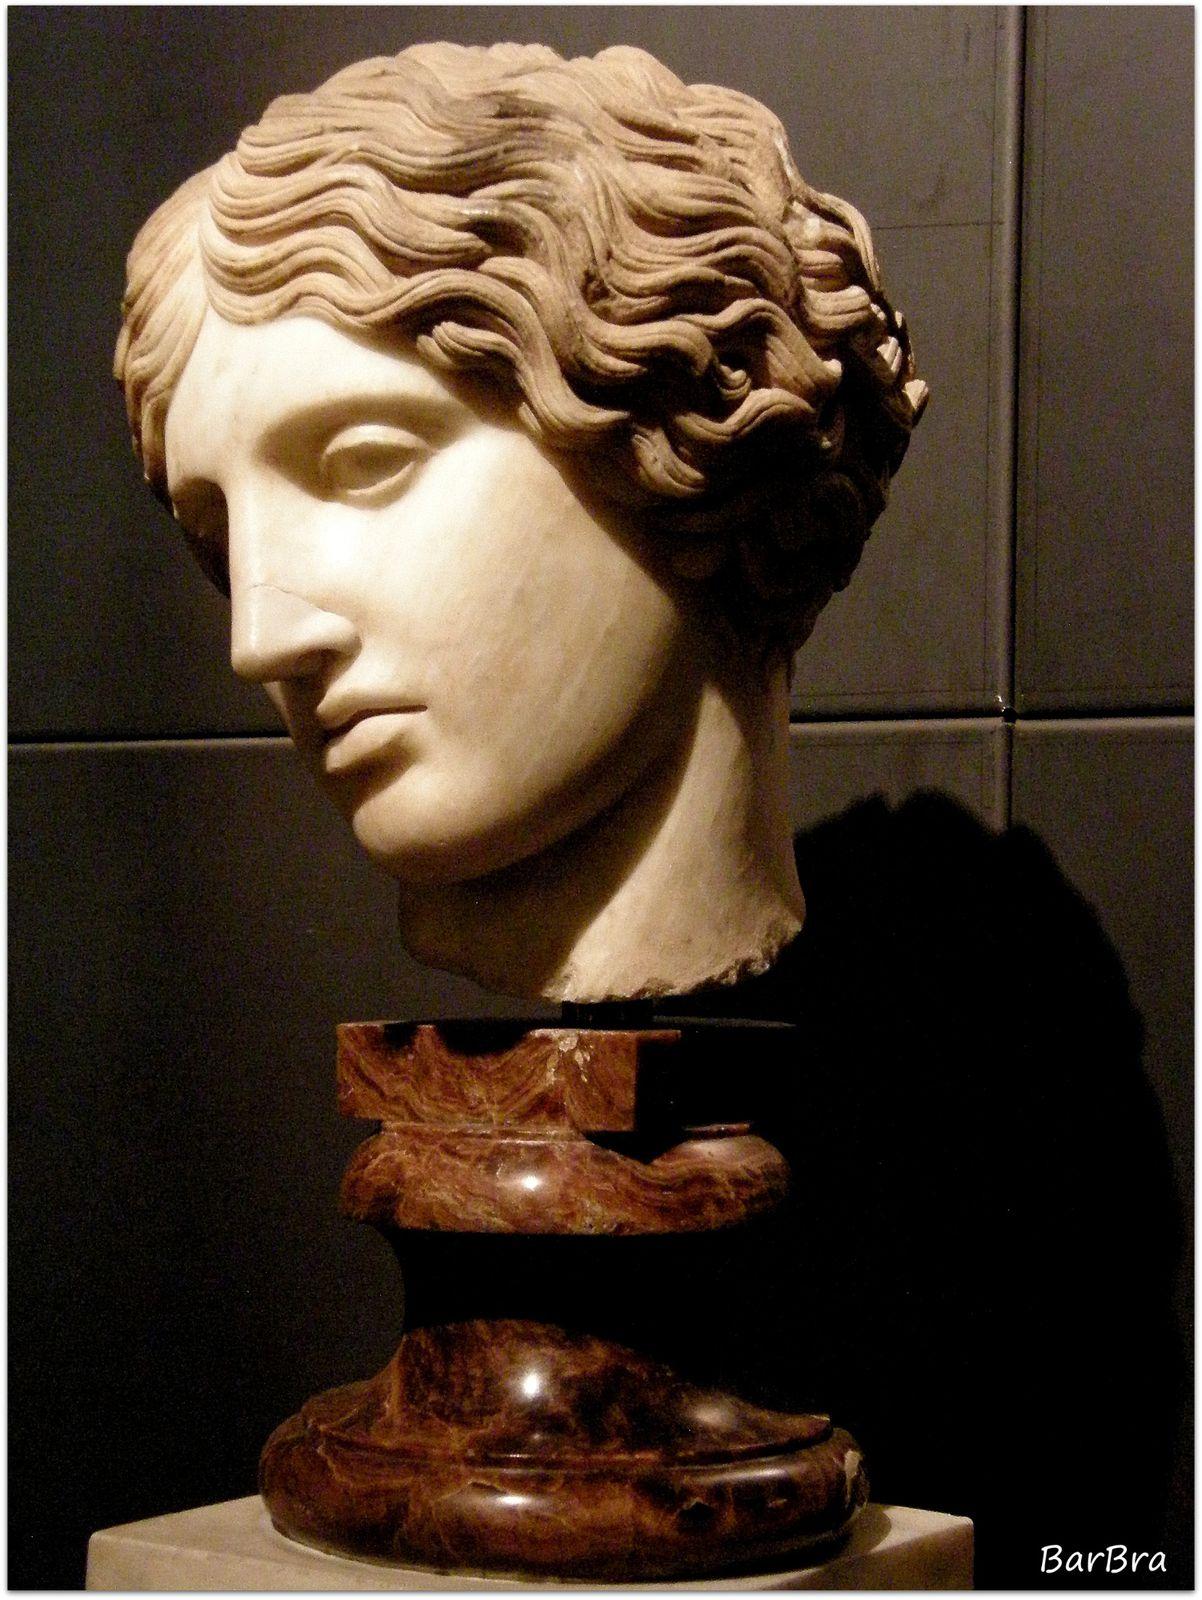 ... in occasione della gara artistica bandita dalla città di Efeso alla quale parteciparono gli artisti più famosi